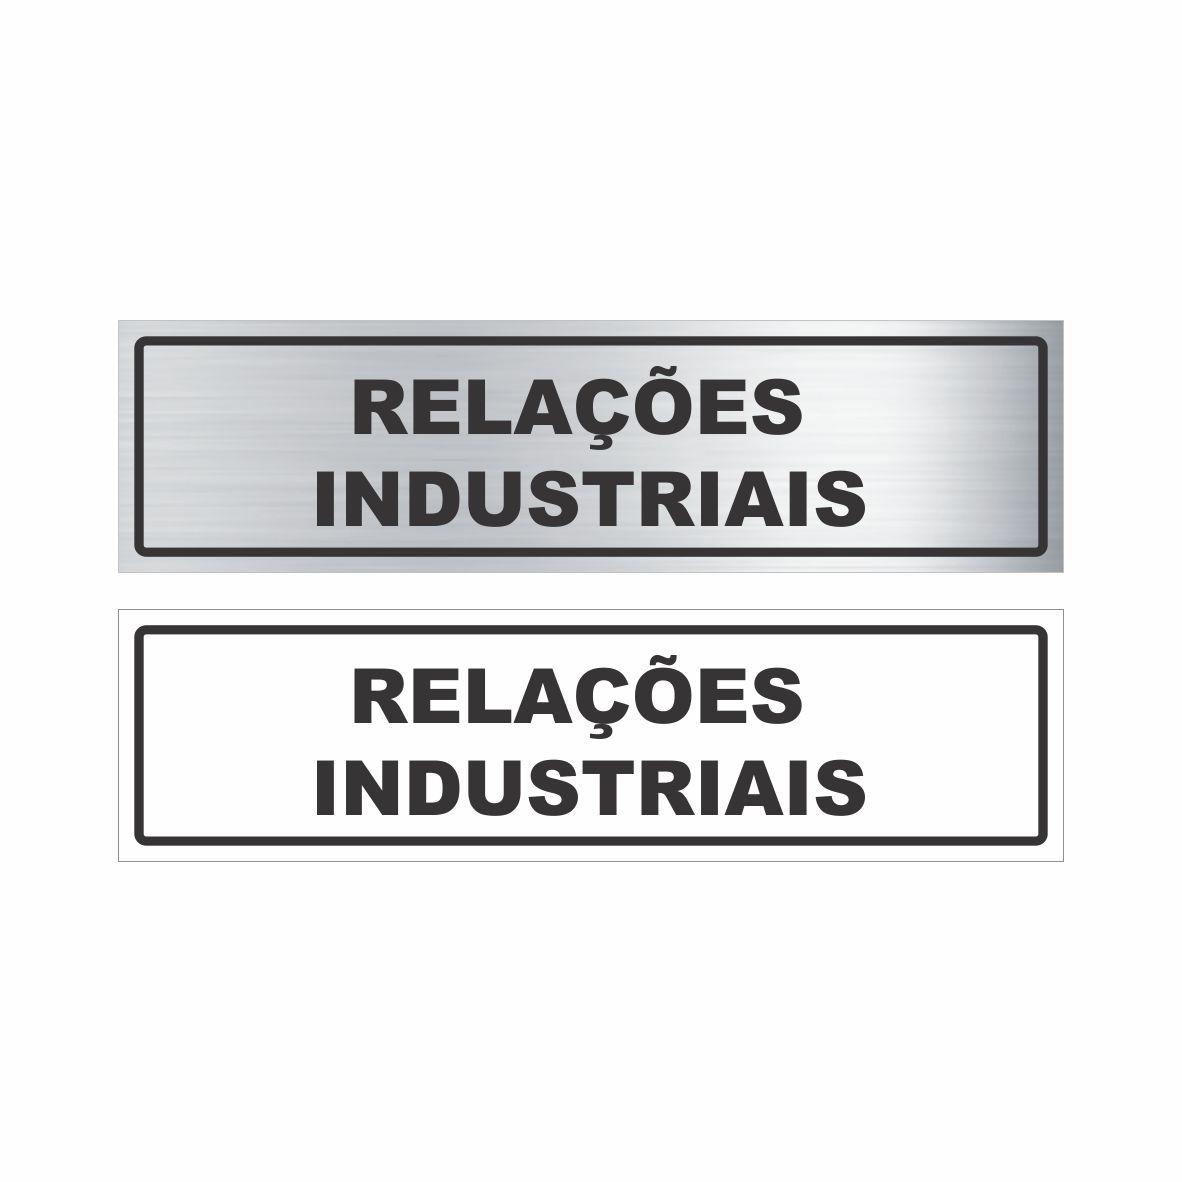 Relações industriais  - Towbar Sinalização de Segurança